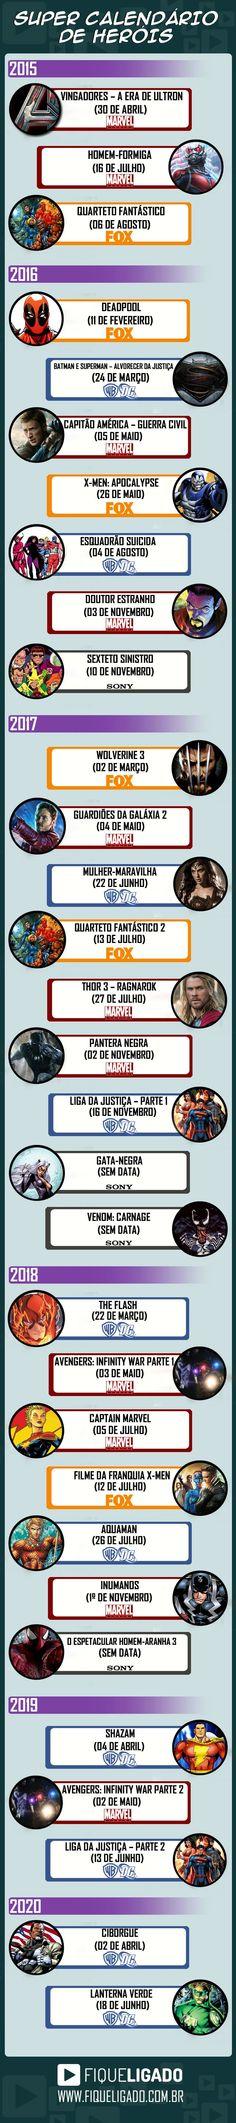 Saiba lista completa de filmes dos Heróis Marvel/DC até 2020! - Actions & Comics